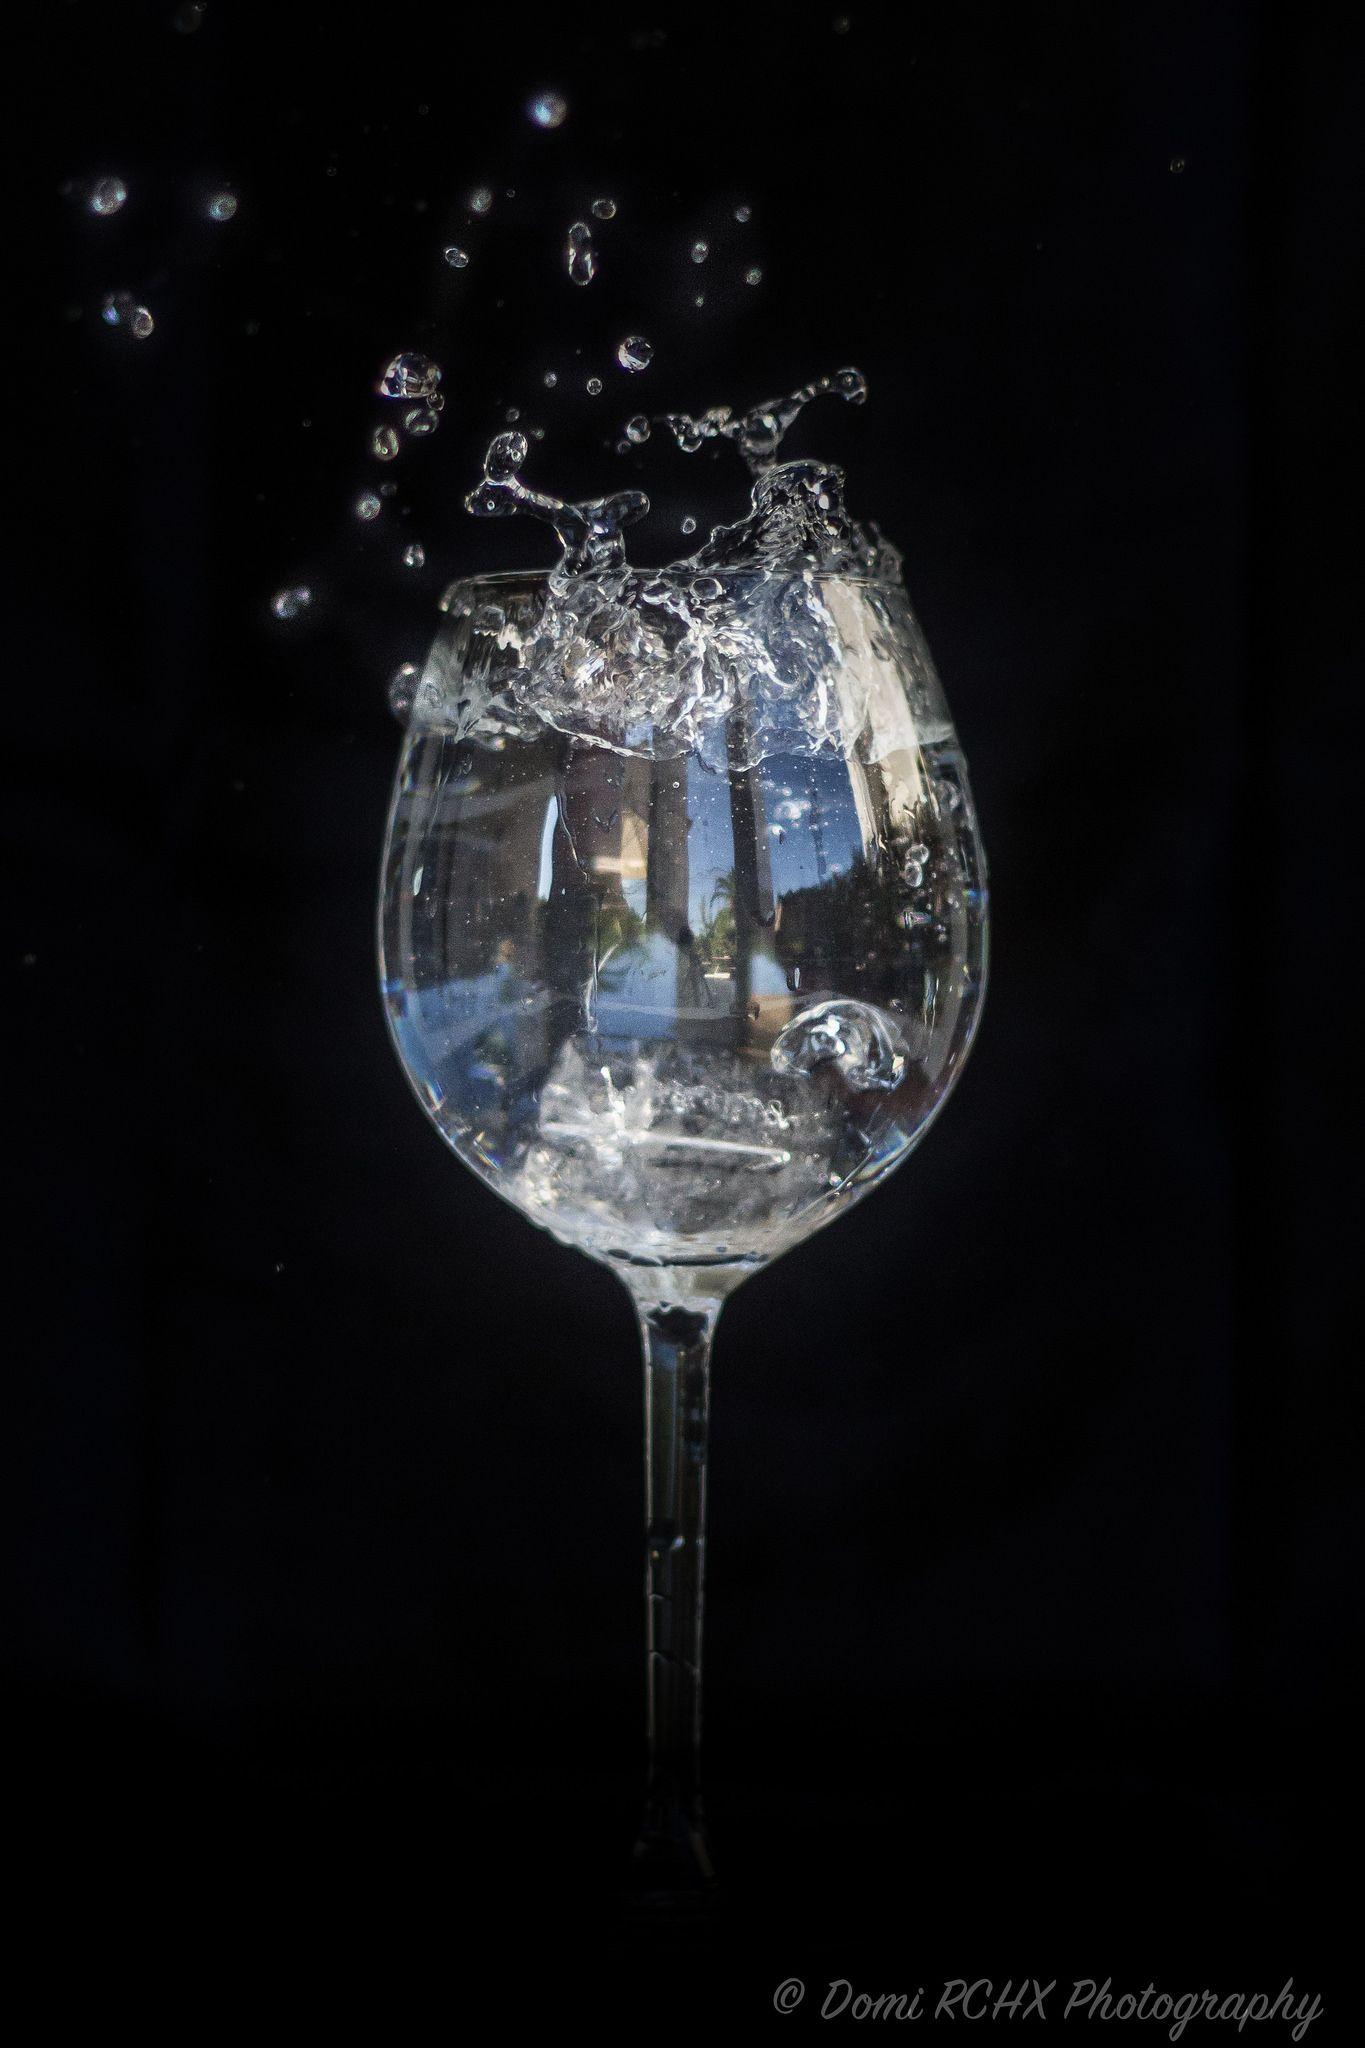 https://flic.kr/p/x4HaWi | Ice cube in the Glass of Water by Domi RCHX | Glaçon dans un Verre d'eau par Domi RCHX